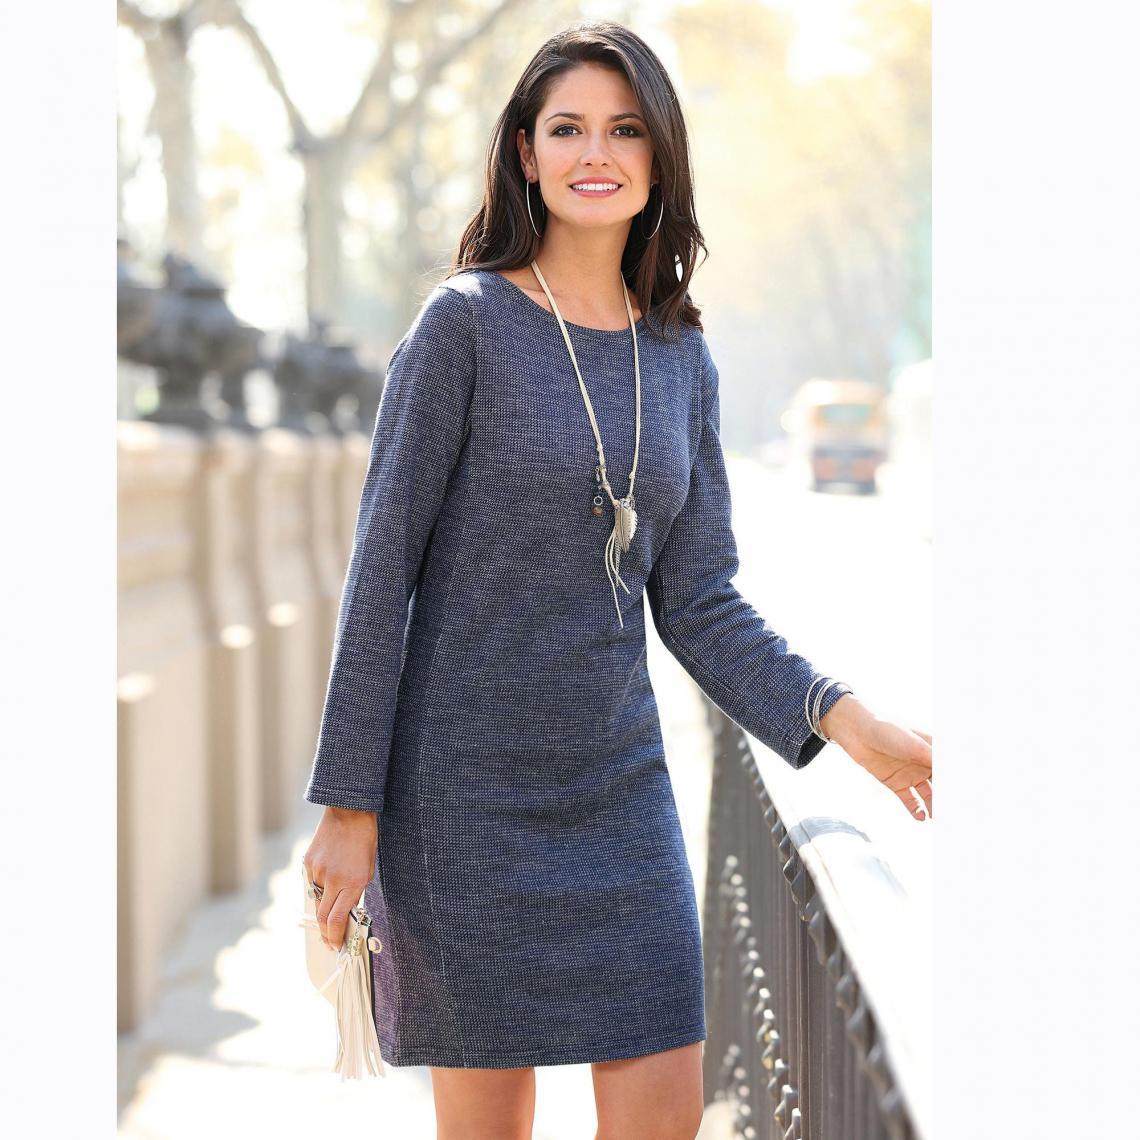 cdba73a61c3 Robe courte cintrée manches longues femme - Bleu 3 SUISSES Femme